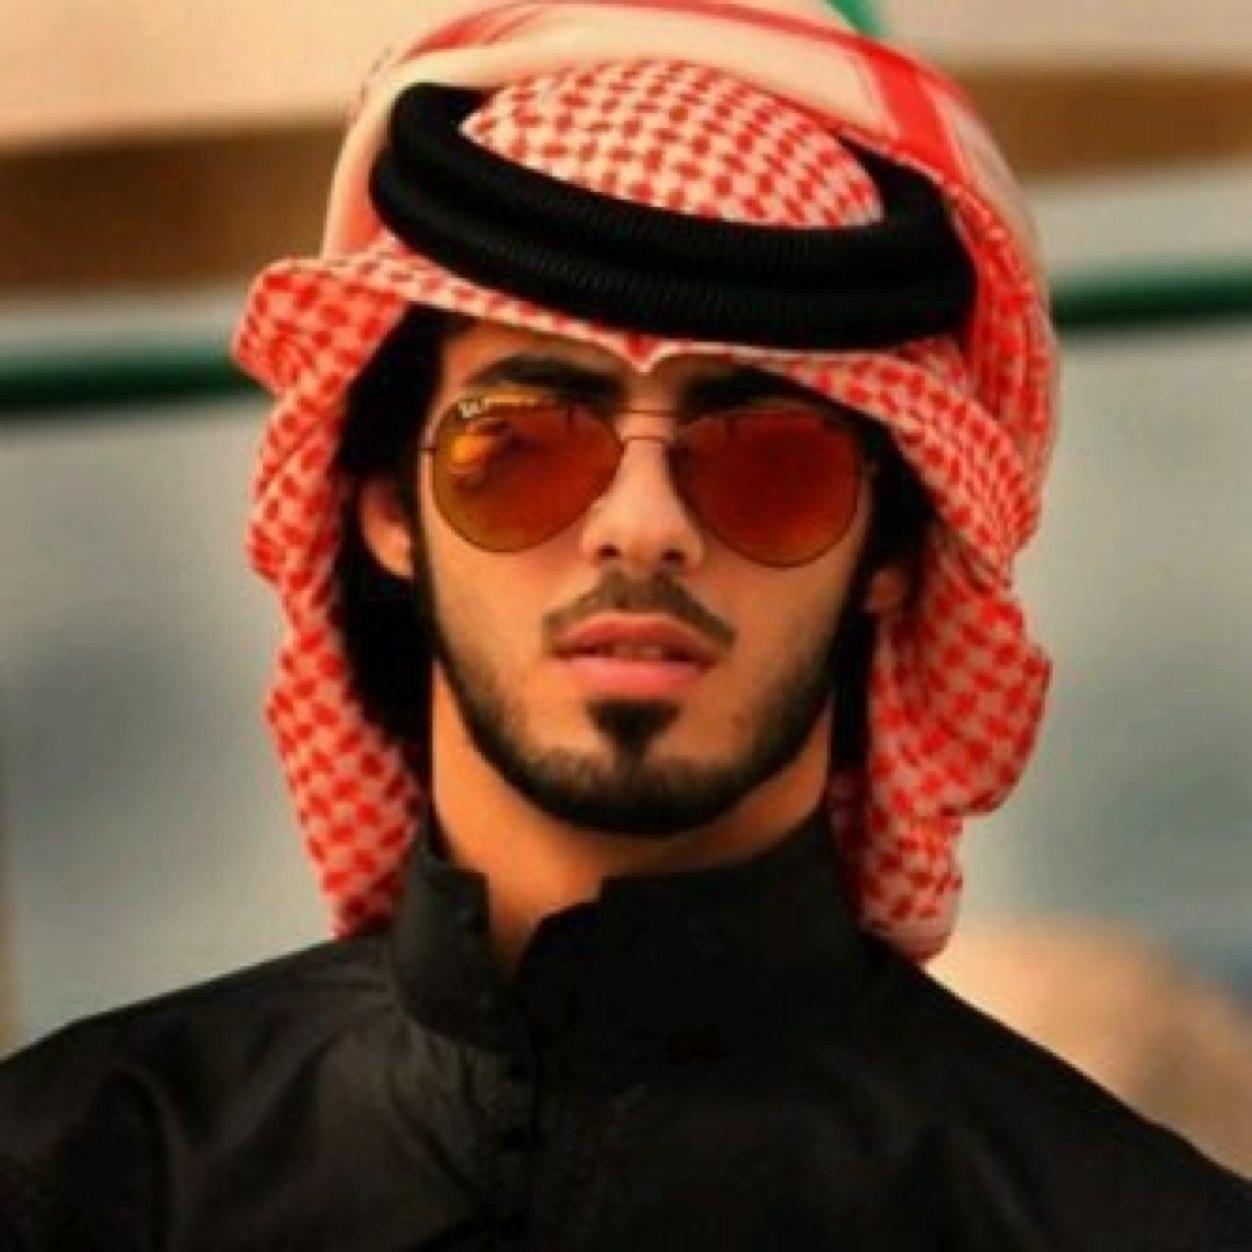 بالصور صور شباب الخليج , مشاهده افضل استيل خليجي 3085 4